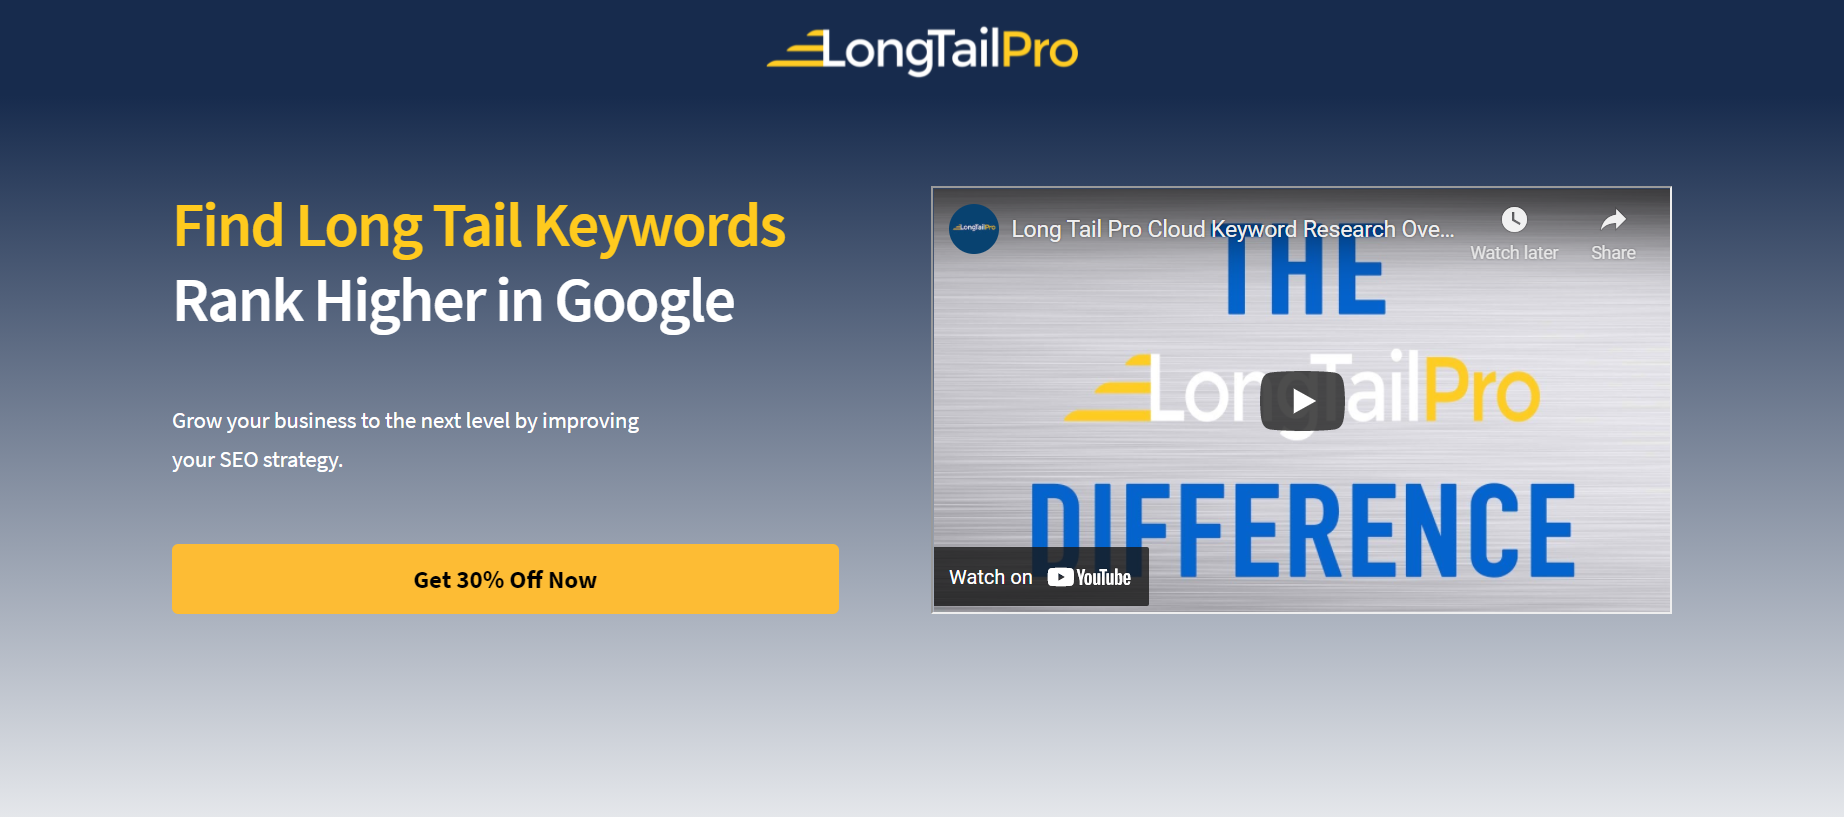 ابزار پیشنهاد کلید واژه شماره 3: LongTailPro